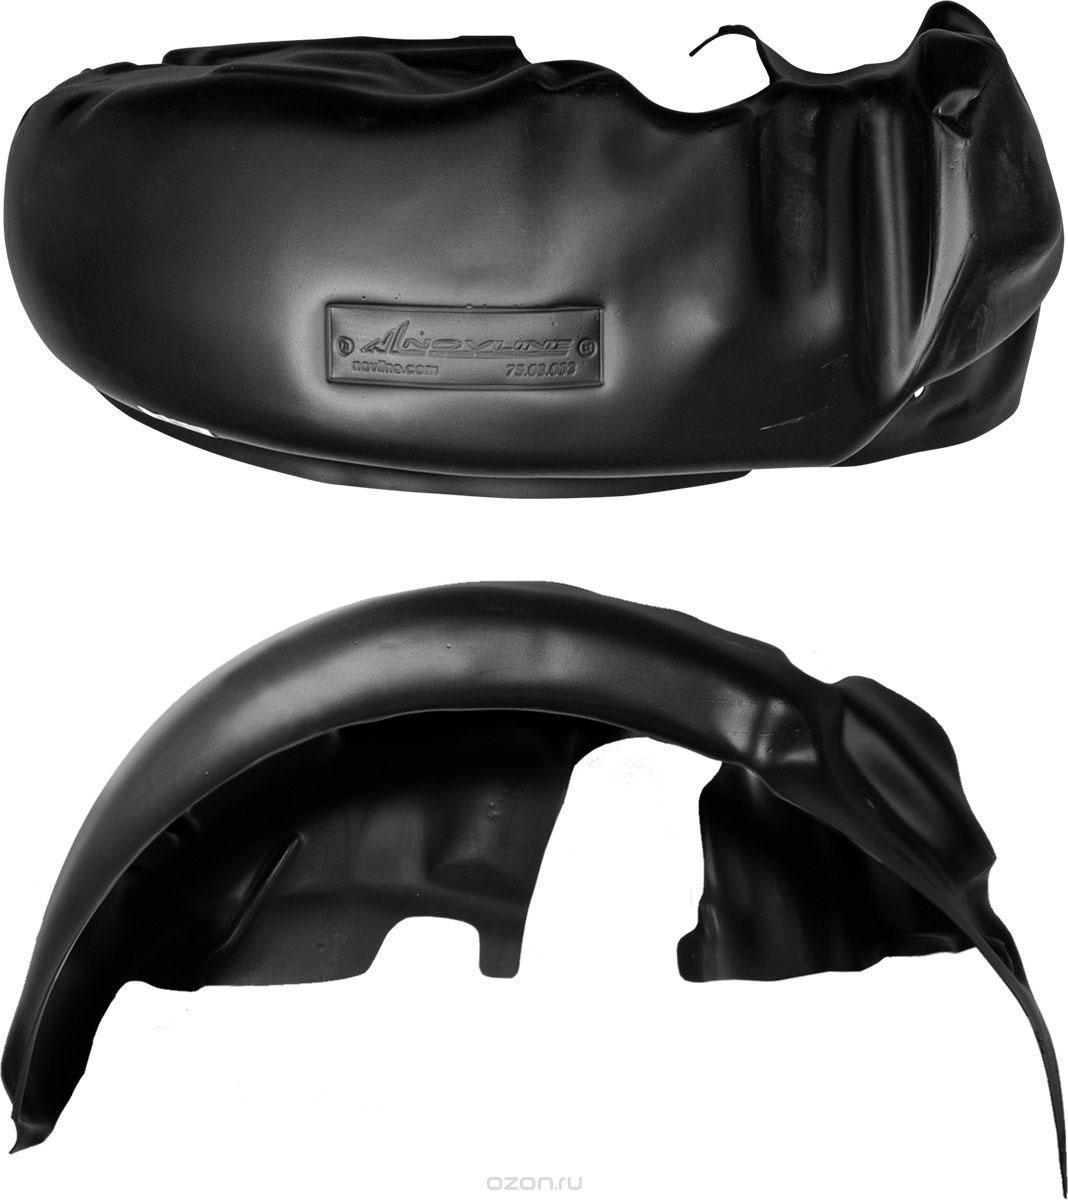 Подкрылок Novline-Autofamily, для DONGFENG S30, 03/2014->, передний правый44005003Идеальная защита колесной ниши. Локеры разработаны с применением цифровых технологий, гарантируют максимальную повторяемость поверхности арки. Изделия устанавливаются без нарушения лакокрасочного покрытия автомобиля, каждый подкрылок комплектуется крепежом. Уважаемые клиенты, обращаем ваше внимание, что фотографии на подкрылки универсальные и не отражают реальную форму изделия. При этом само изделие идет точно под размер указанного автомобиля.